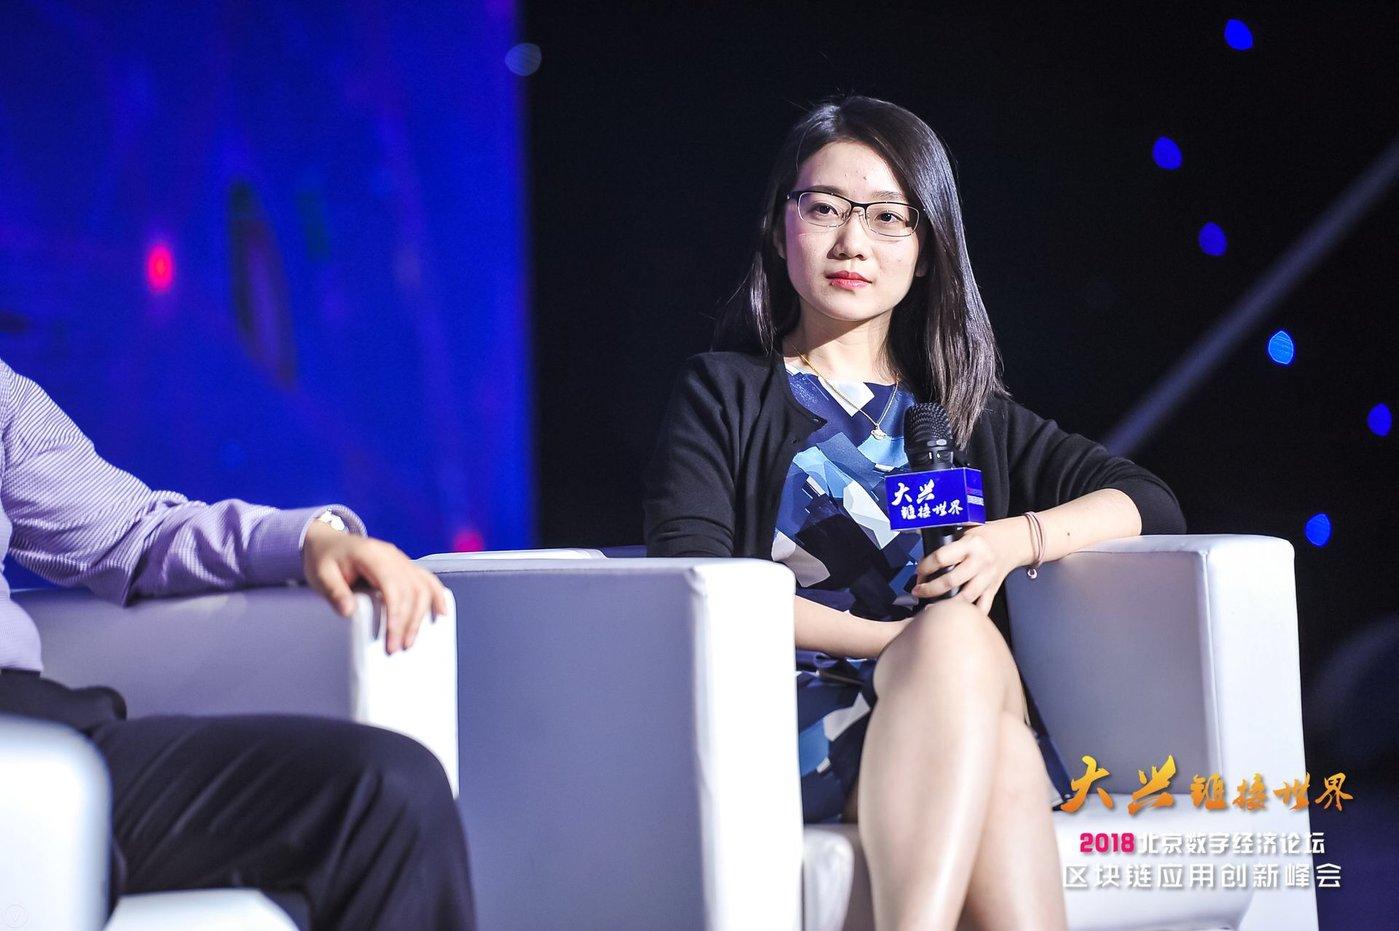 腾讯区块链高级总监 杨晨